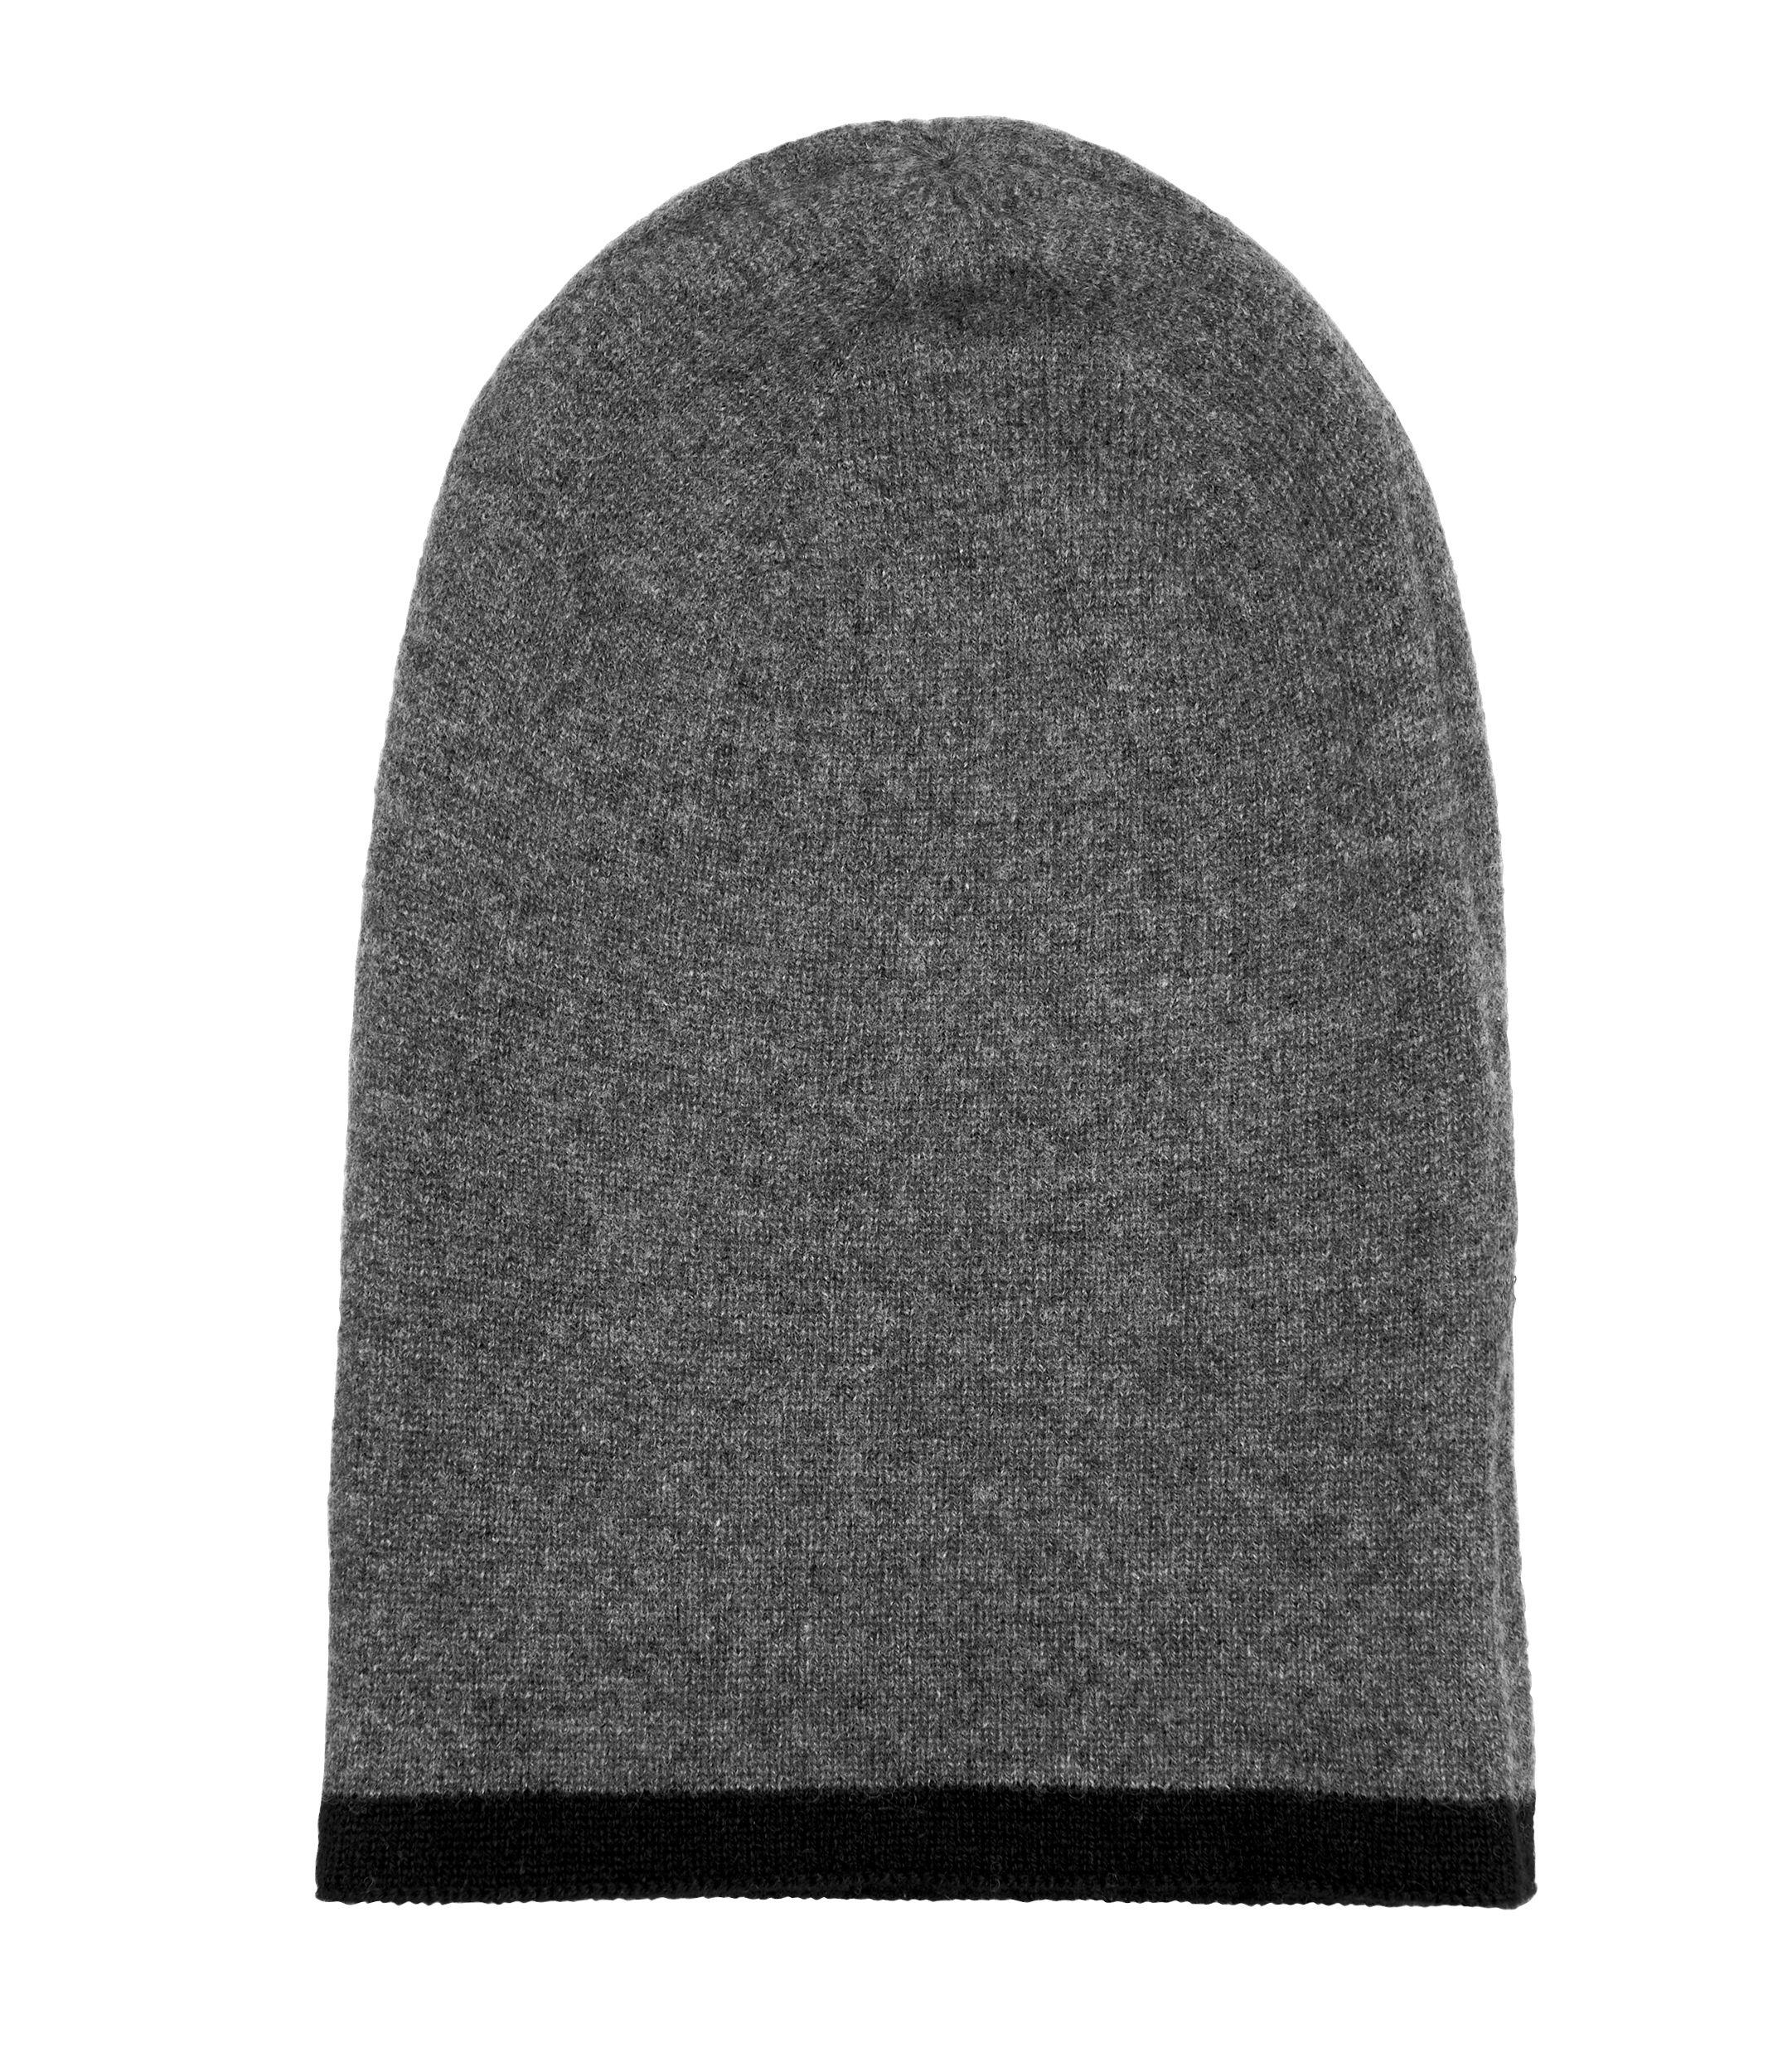 7b6e3fc27e5 Lyst - Henri Bendel Cashmere Hat in Black